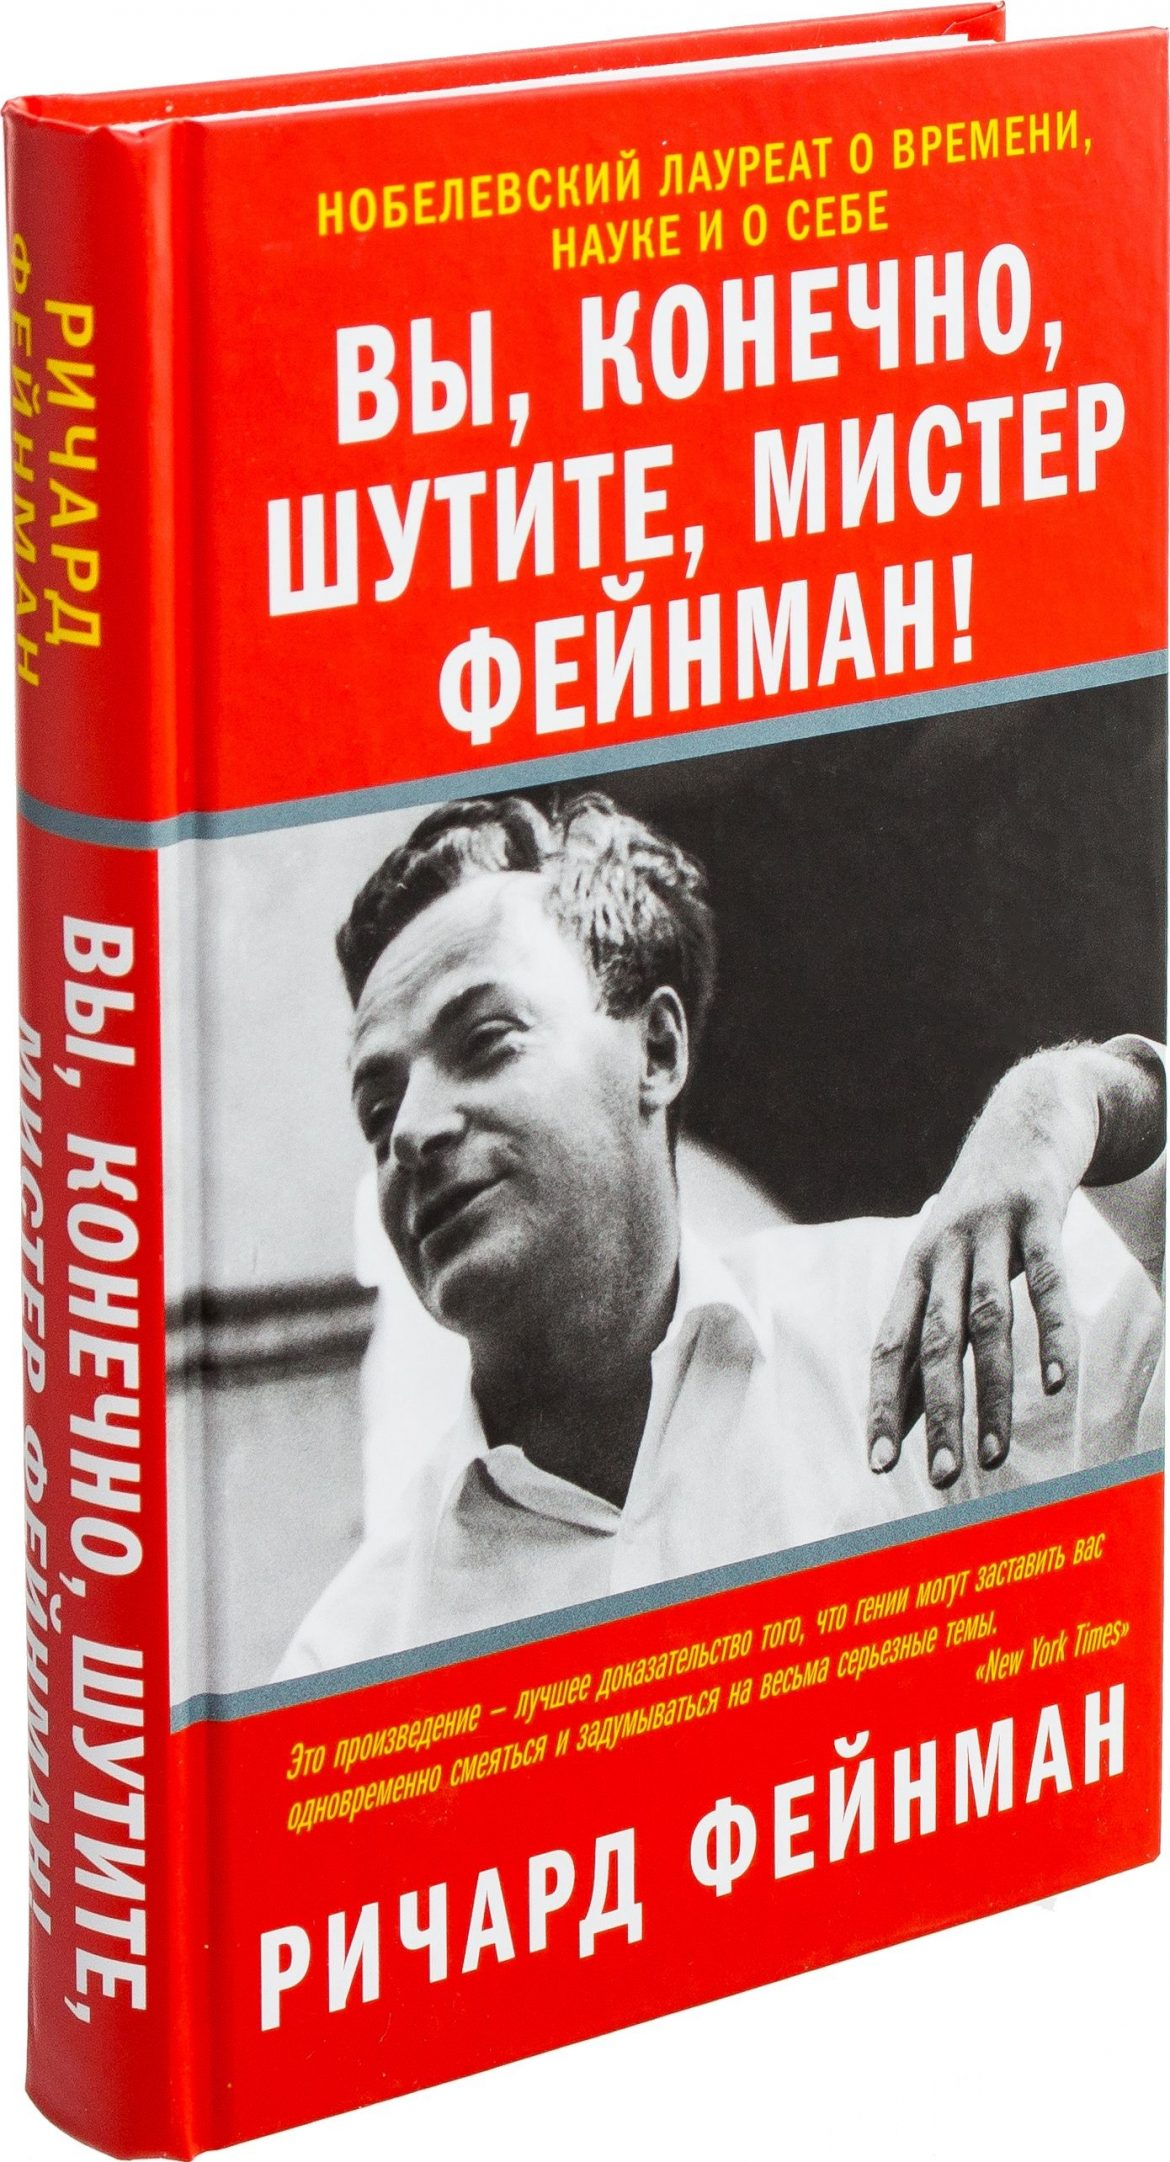 Вы, конечно, шутите, мистер Фейнман! — Ричард Филлипс Фейнман